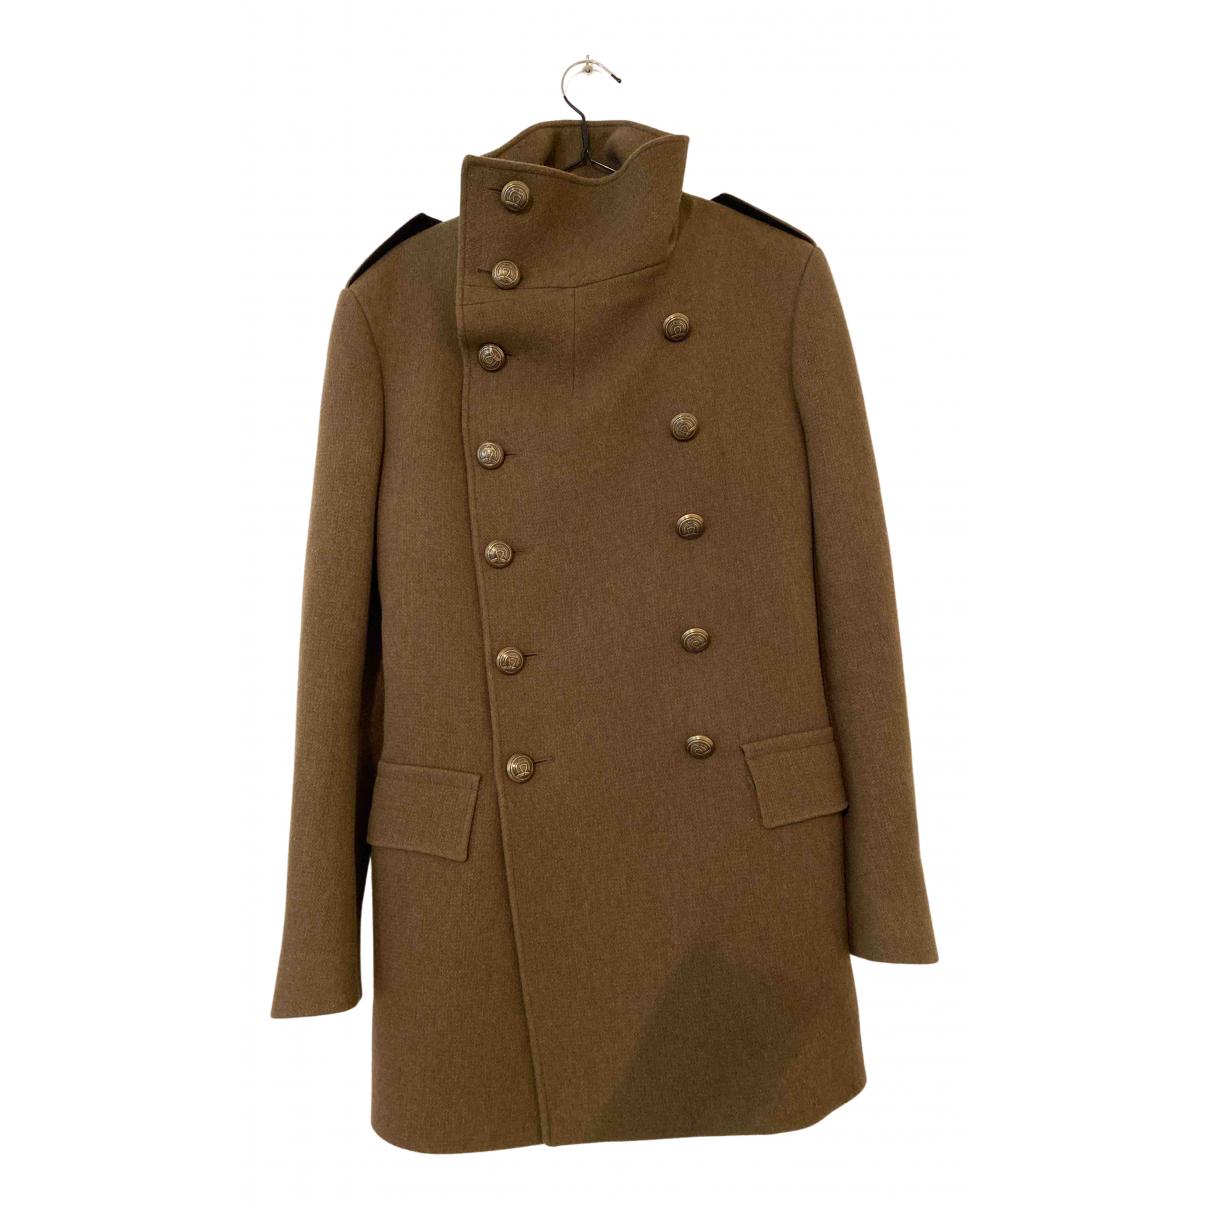 Balmain For H&m - Manteau   pour homme en laine - kaki